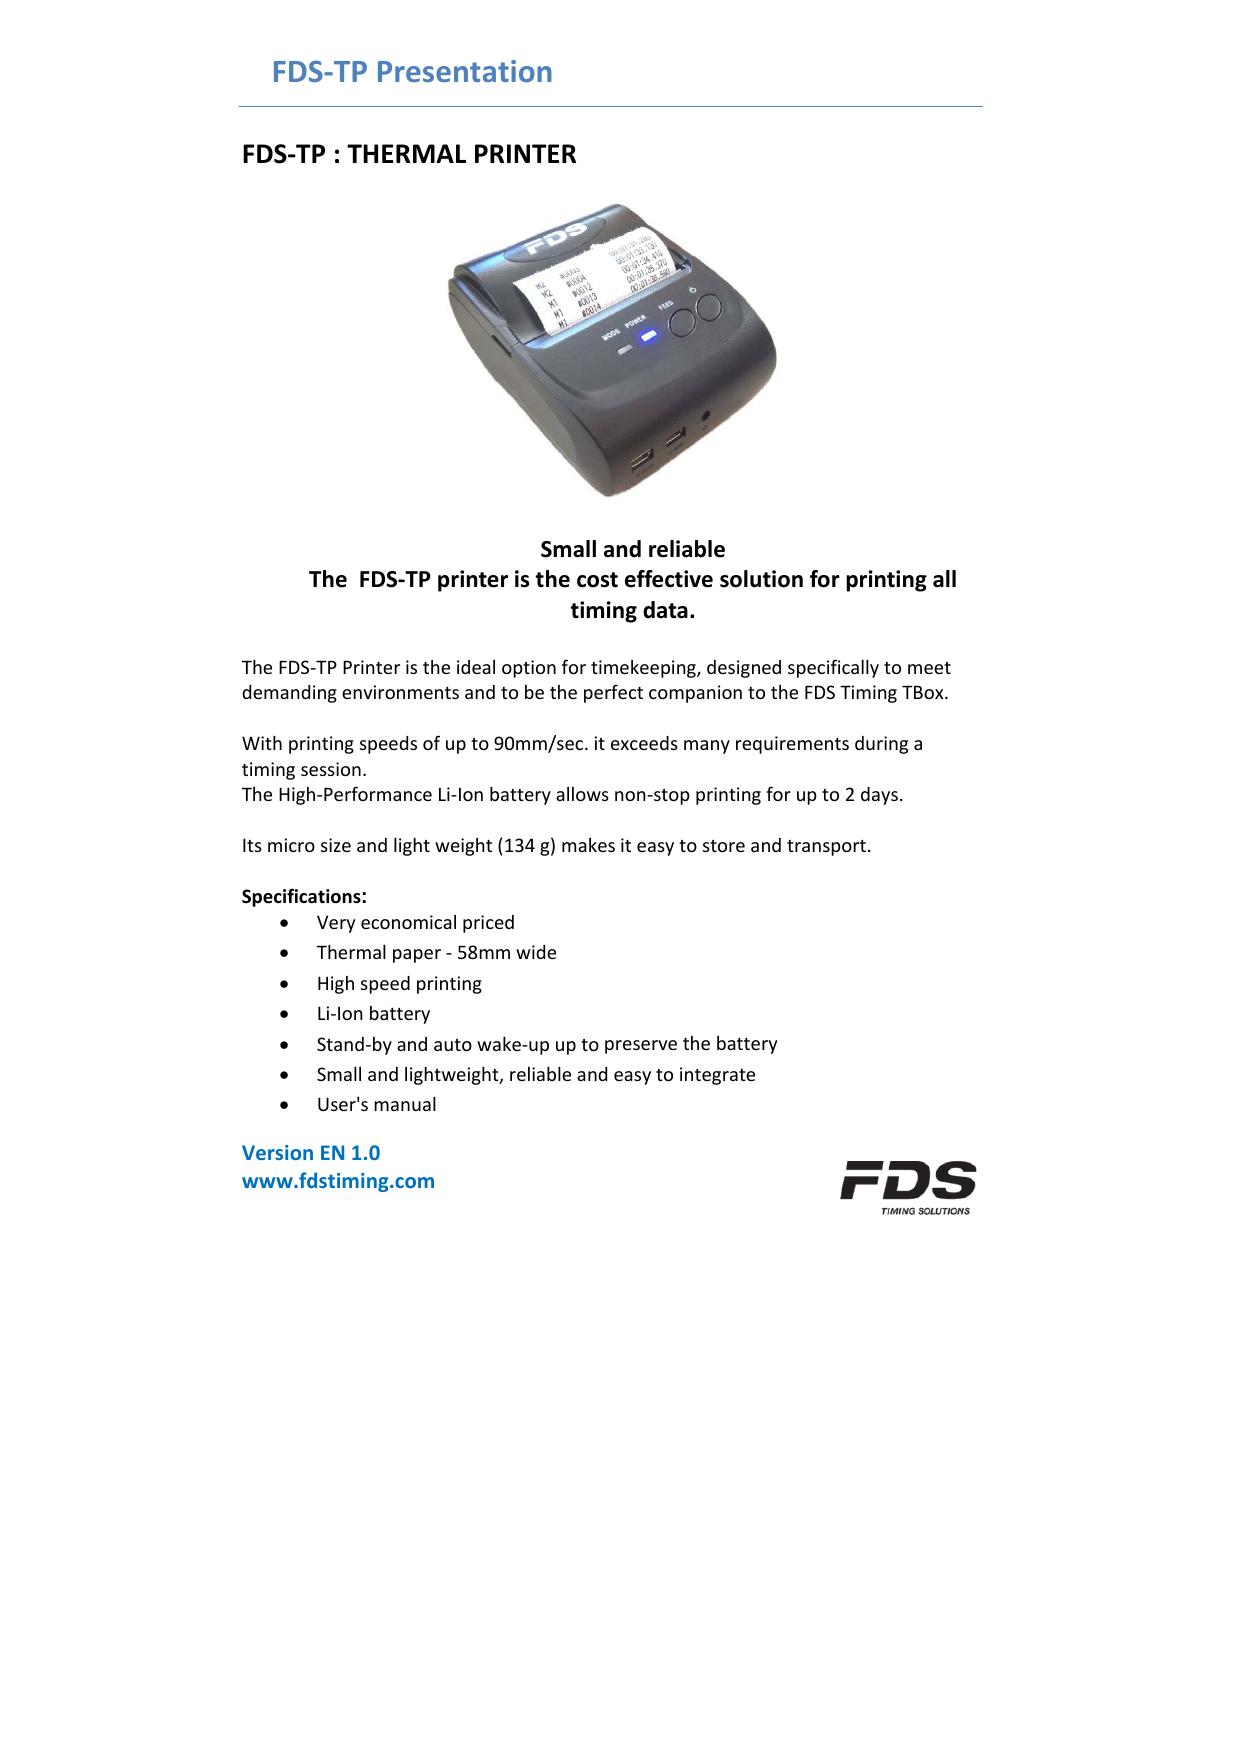 FDS-TP Presentation | manualzz com